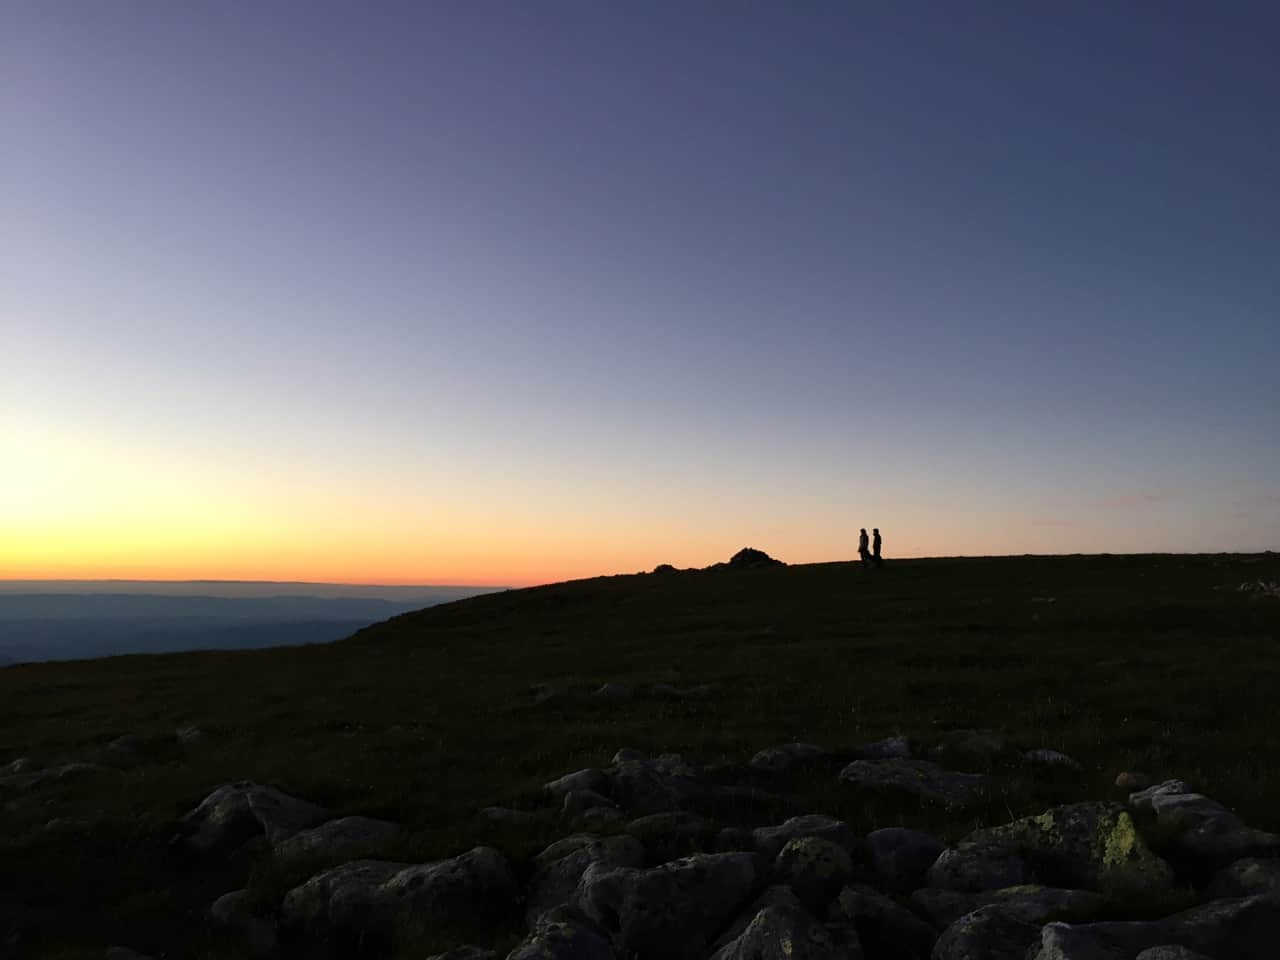 auszeit schweiz, zwei menschen geniessen den sonnenuntergang auf dem berg